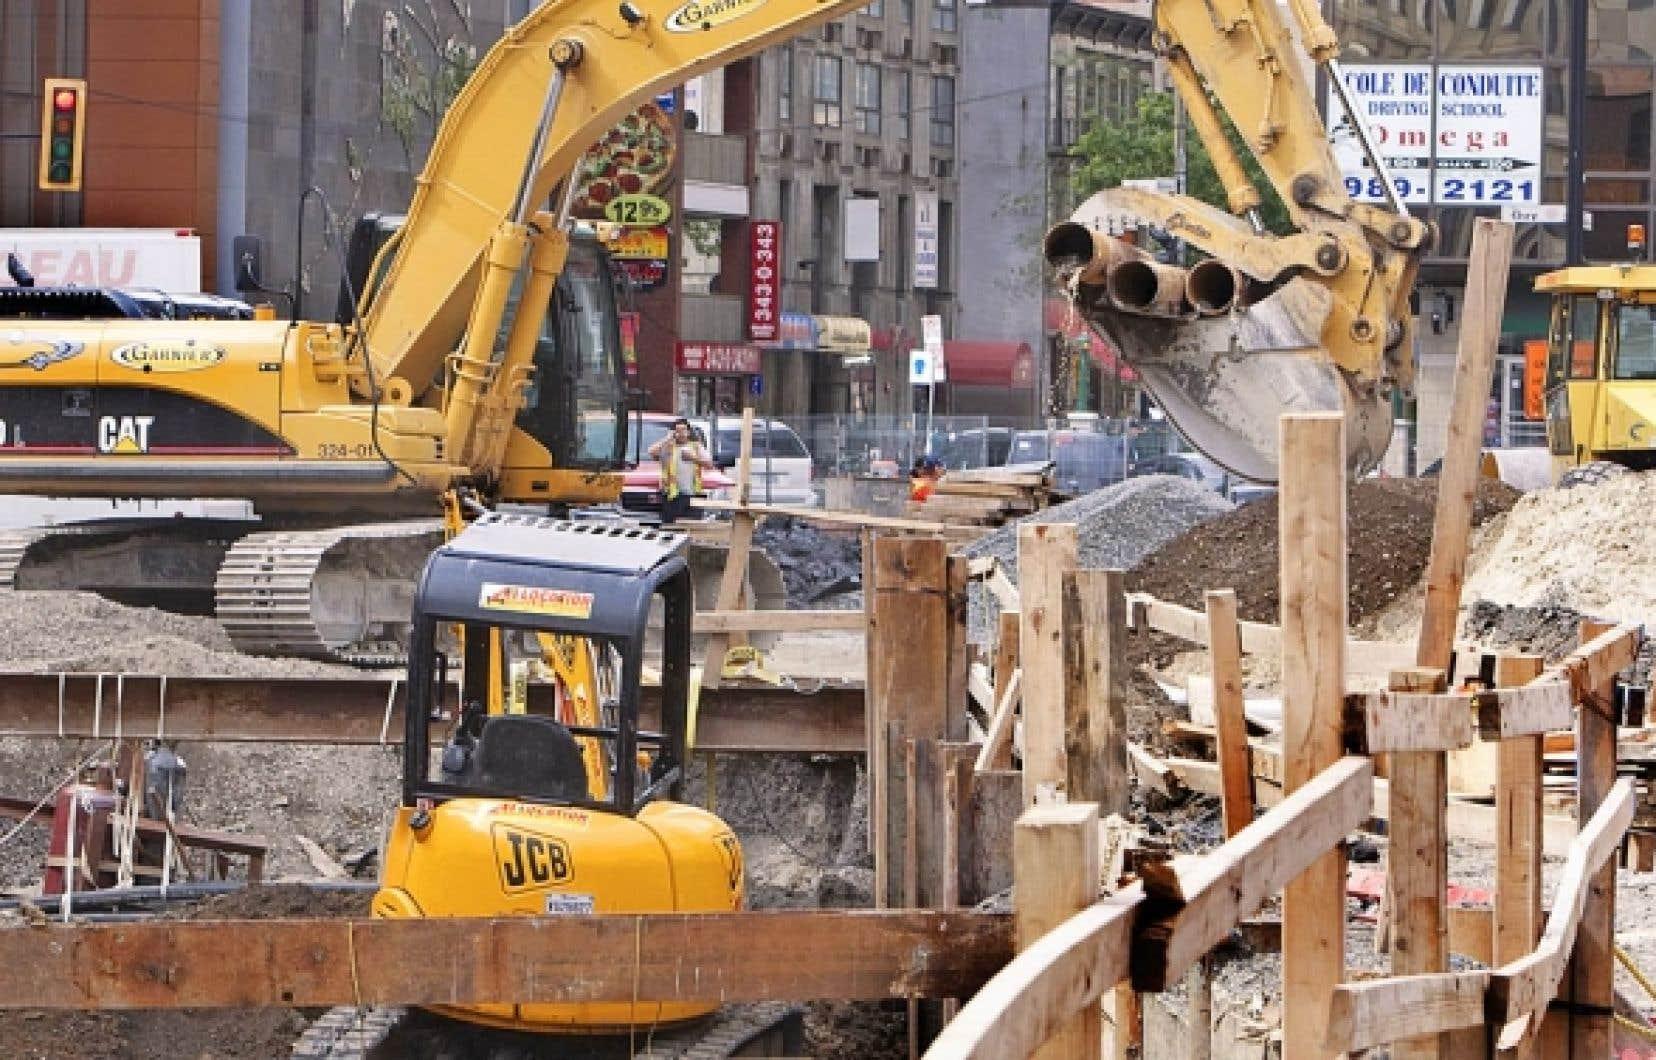 Après la dérapage des compteurs d'eau, la Ville de Montréal a choisi d'embaucher des ingénieurs pour mieux contrôler ses projets. Un changement de culture qui contraste avec ce qui se passe à Laval.<br />